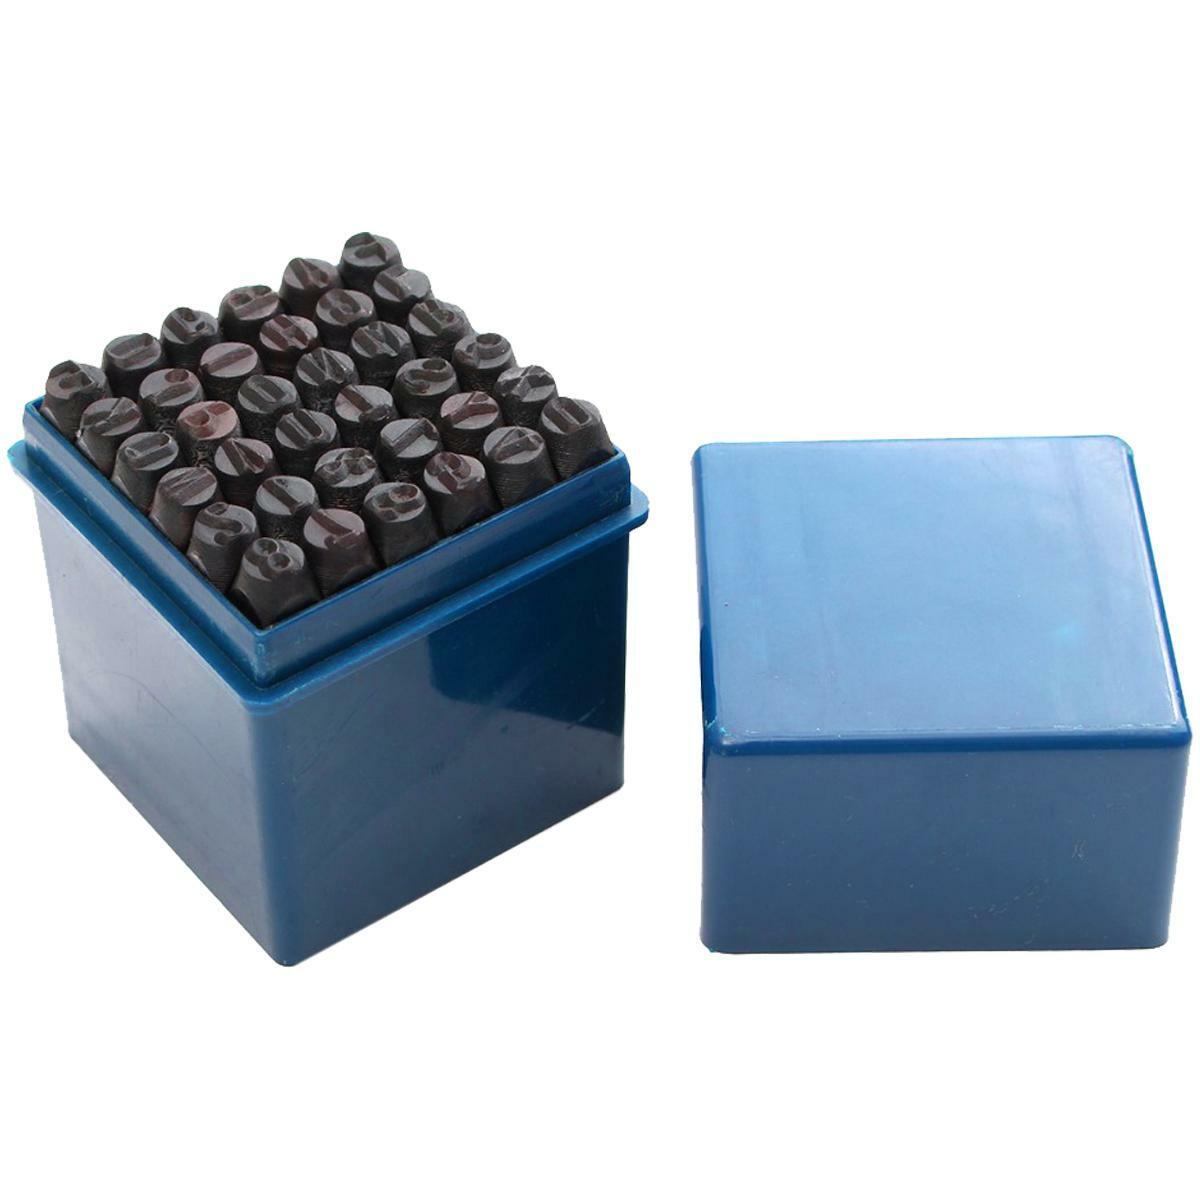 oxford punzoni lettere e numeri 36pz 8mm